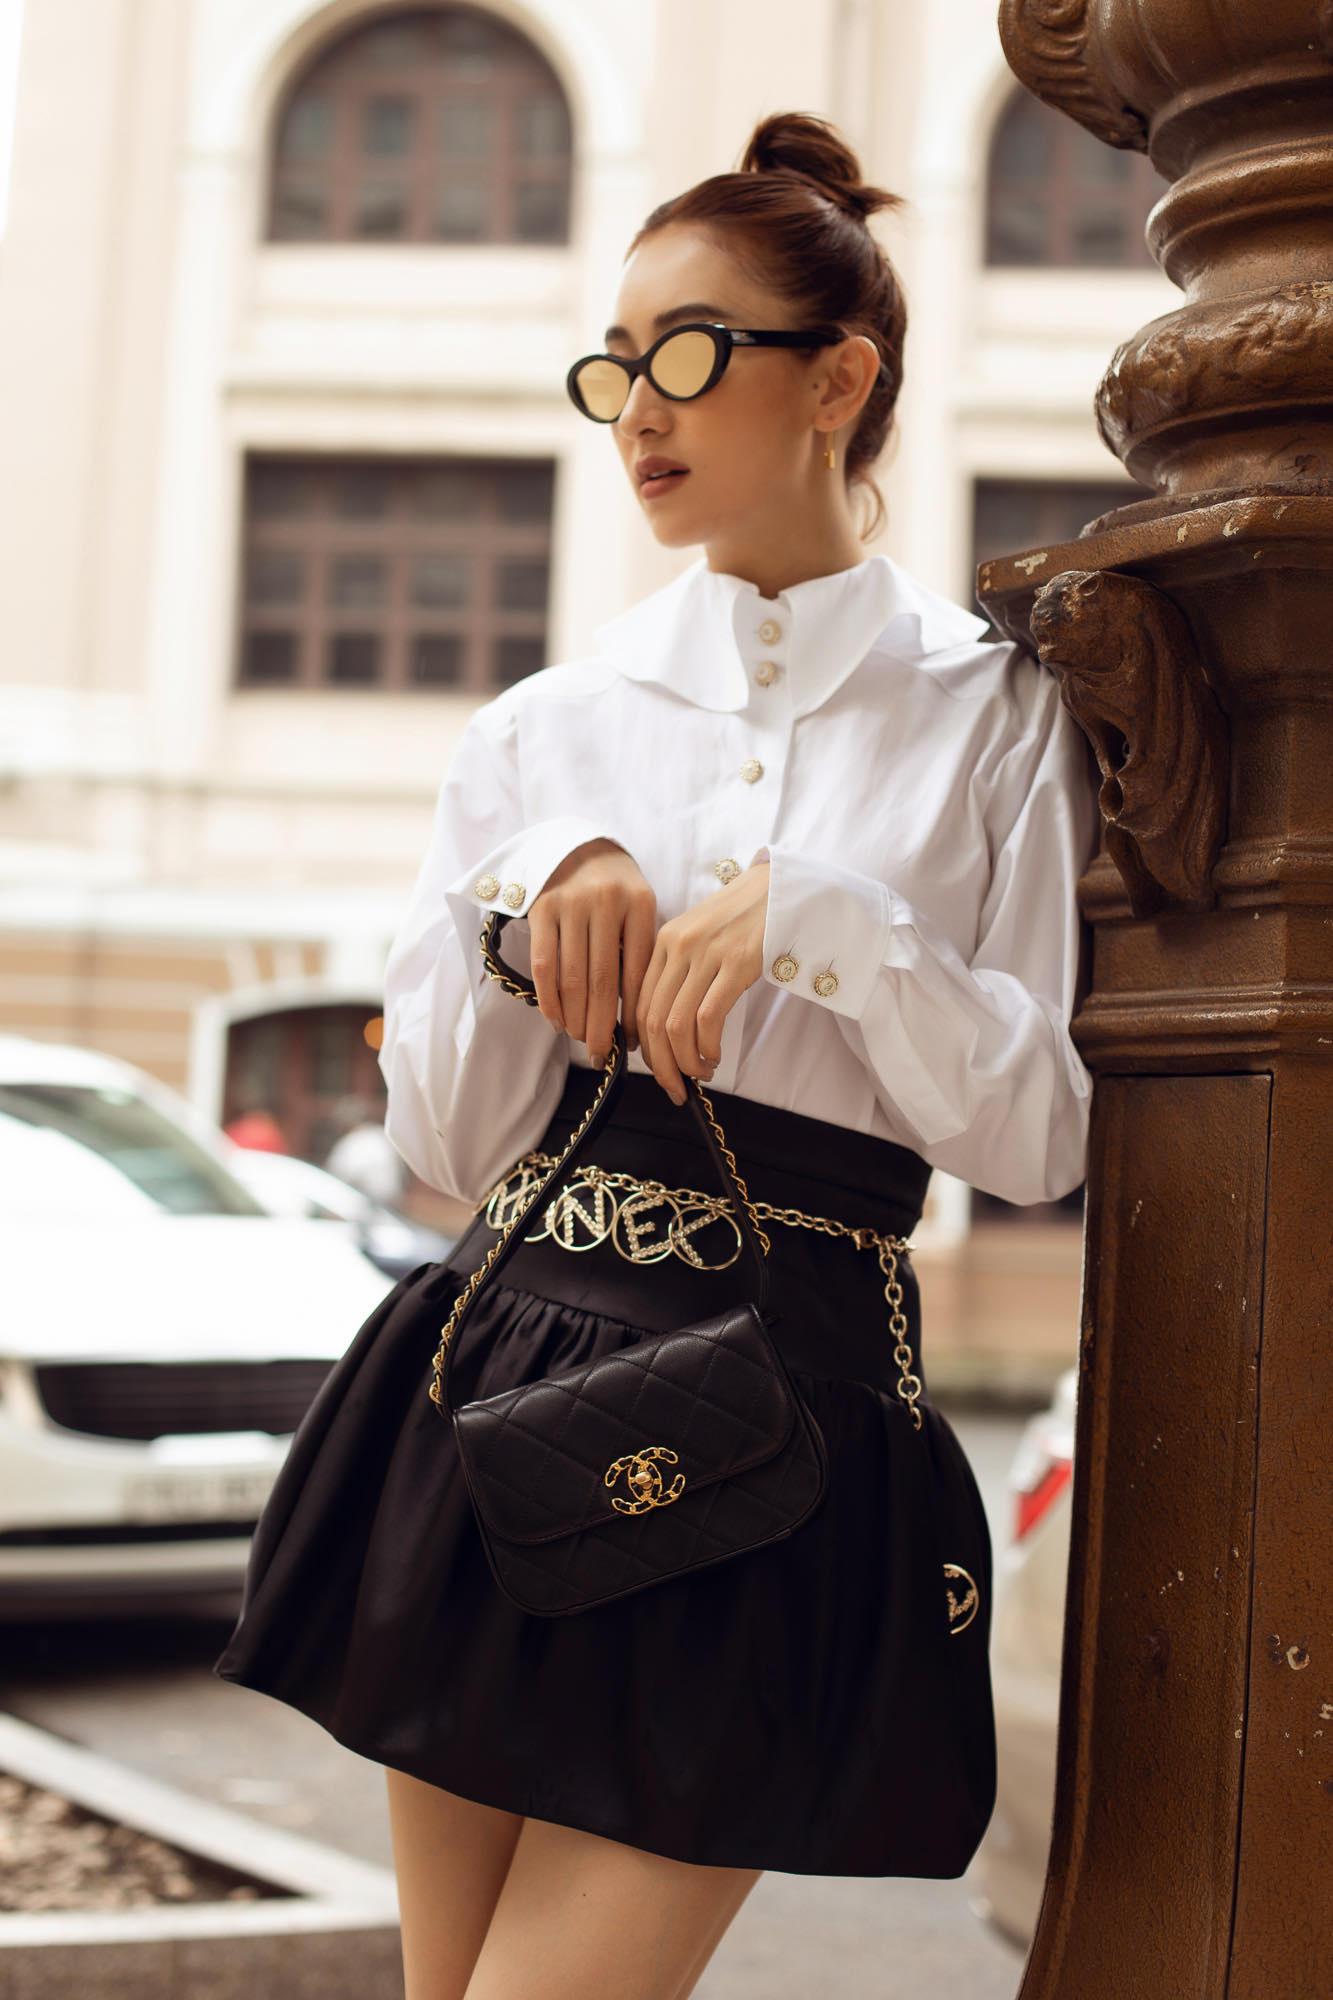 Hà Thu sành điệu với sơ mi trắng mix cùng chân váy bo chun, khoe vòng eo nhỏ nhắn. Mắt kính ruồi của Dior dù không còn tạo nên xu hướng mạnh mẽ nhưng rất ăn nhập trong outfit này cùng chiếc túi Bag Prada. Dù trên sân khấu hay ngoài cuộc sống, người đẹp vẫn luôn chú ý đầu tư về mặt hình ảnh cho mỗi lần xuất hiện.